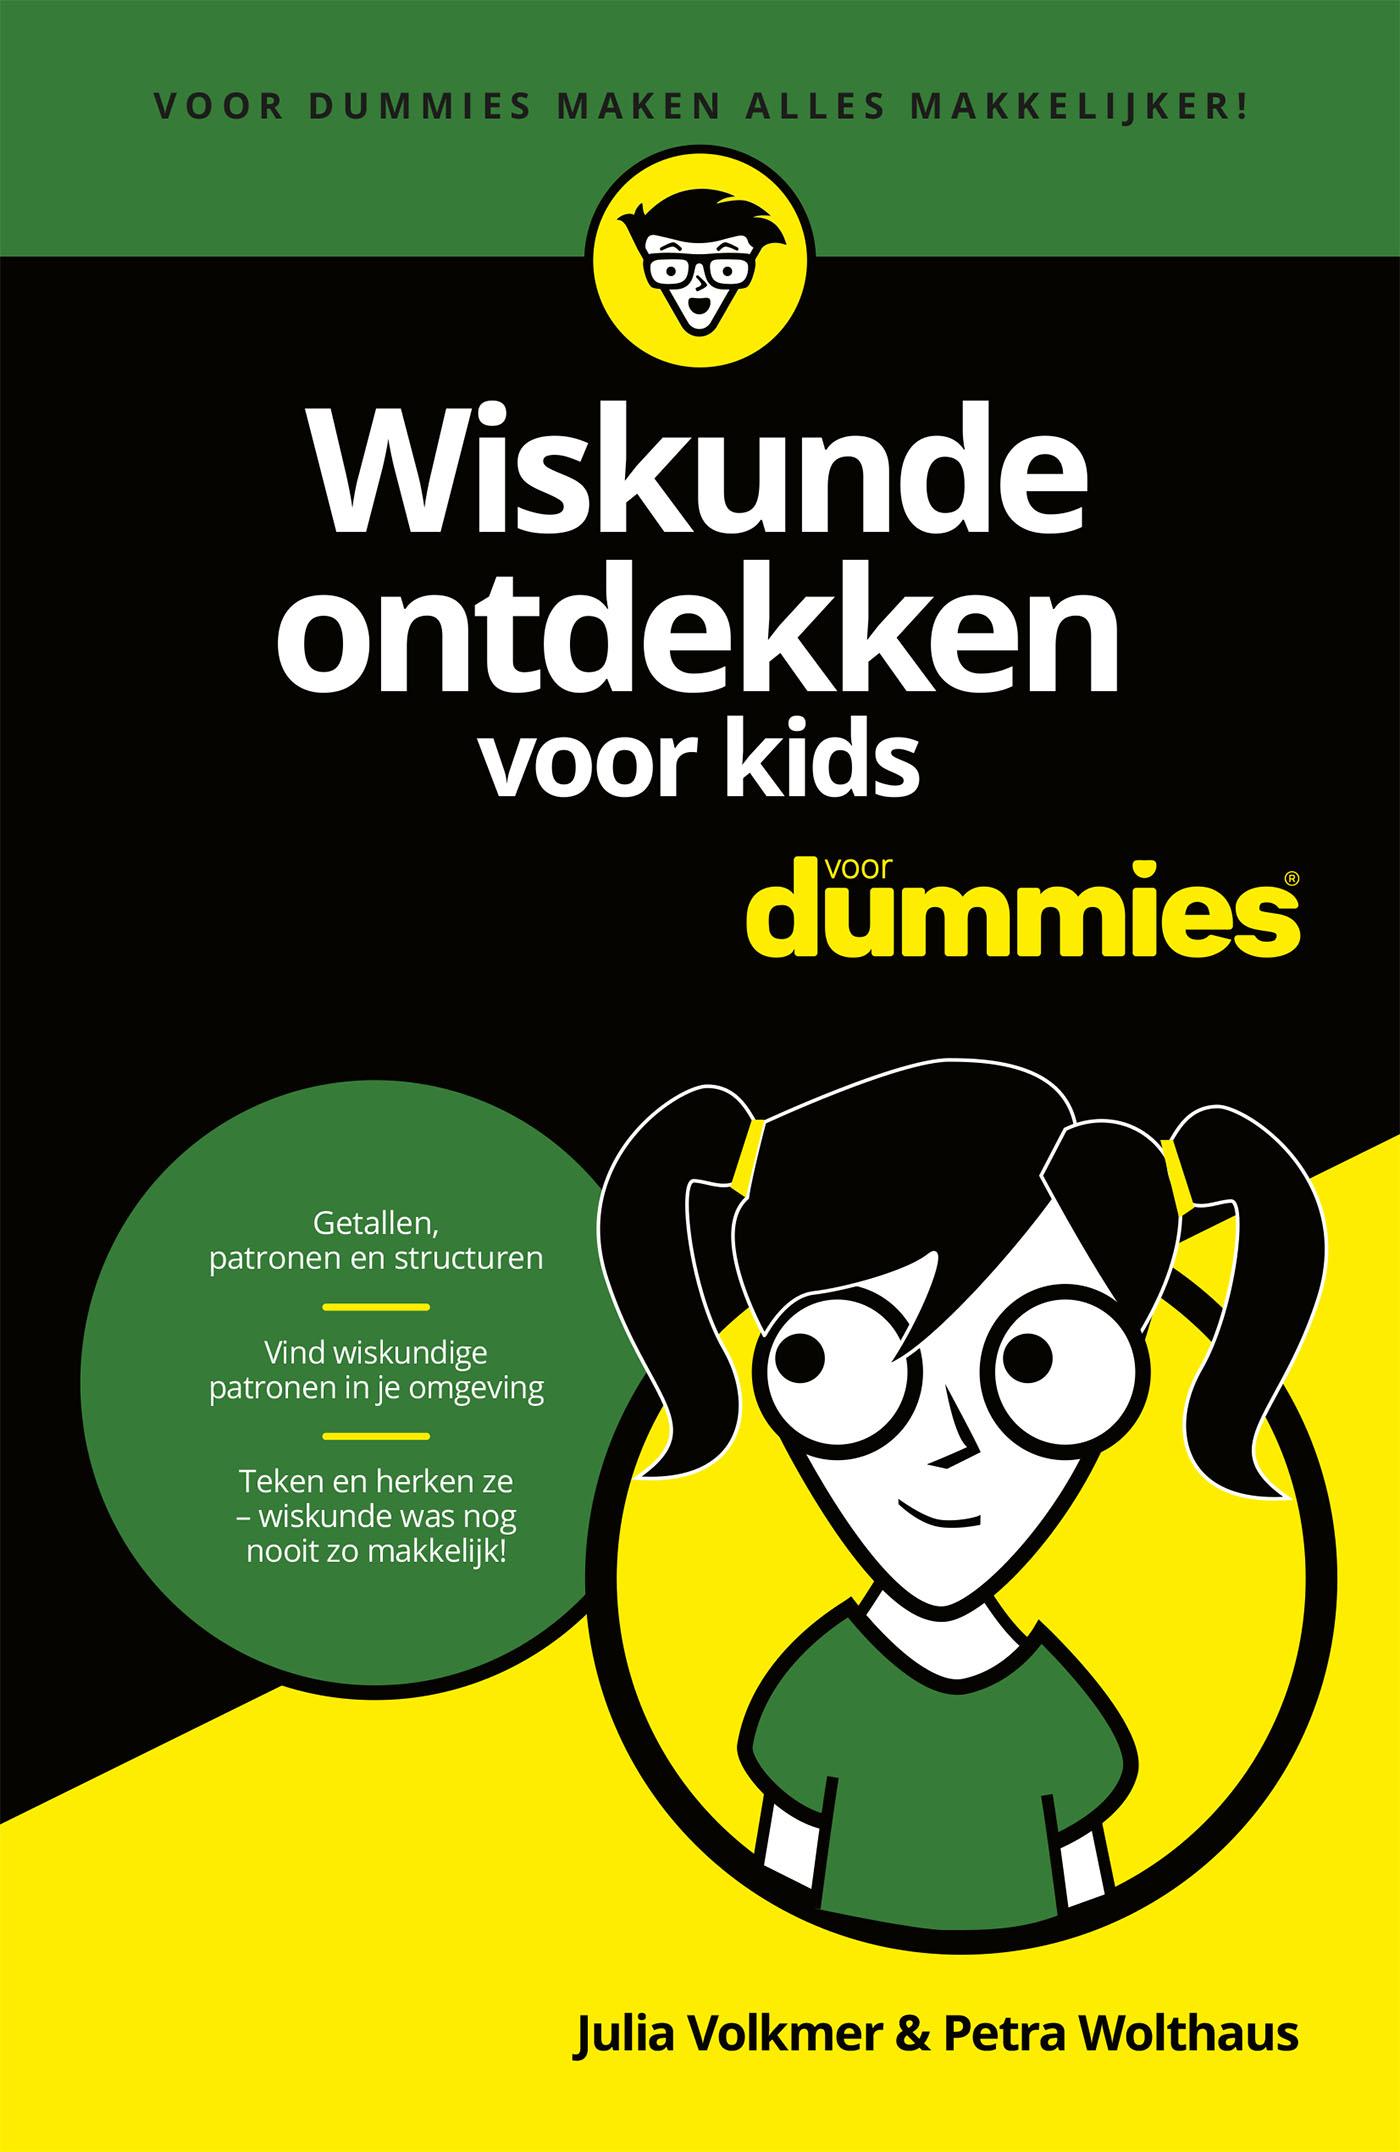 Cover Wiskunde ontdekken voor kids voor Dummies